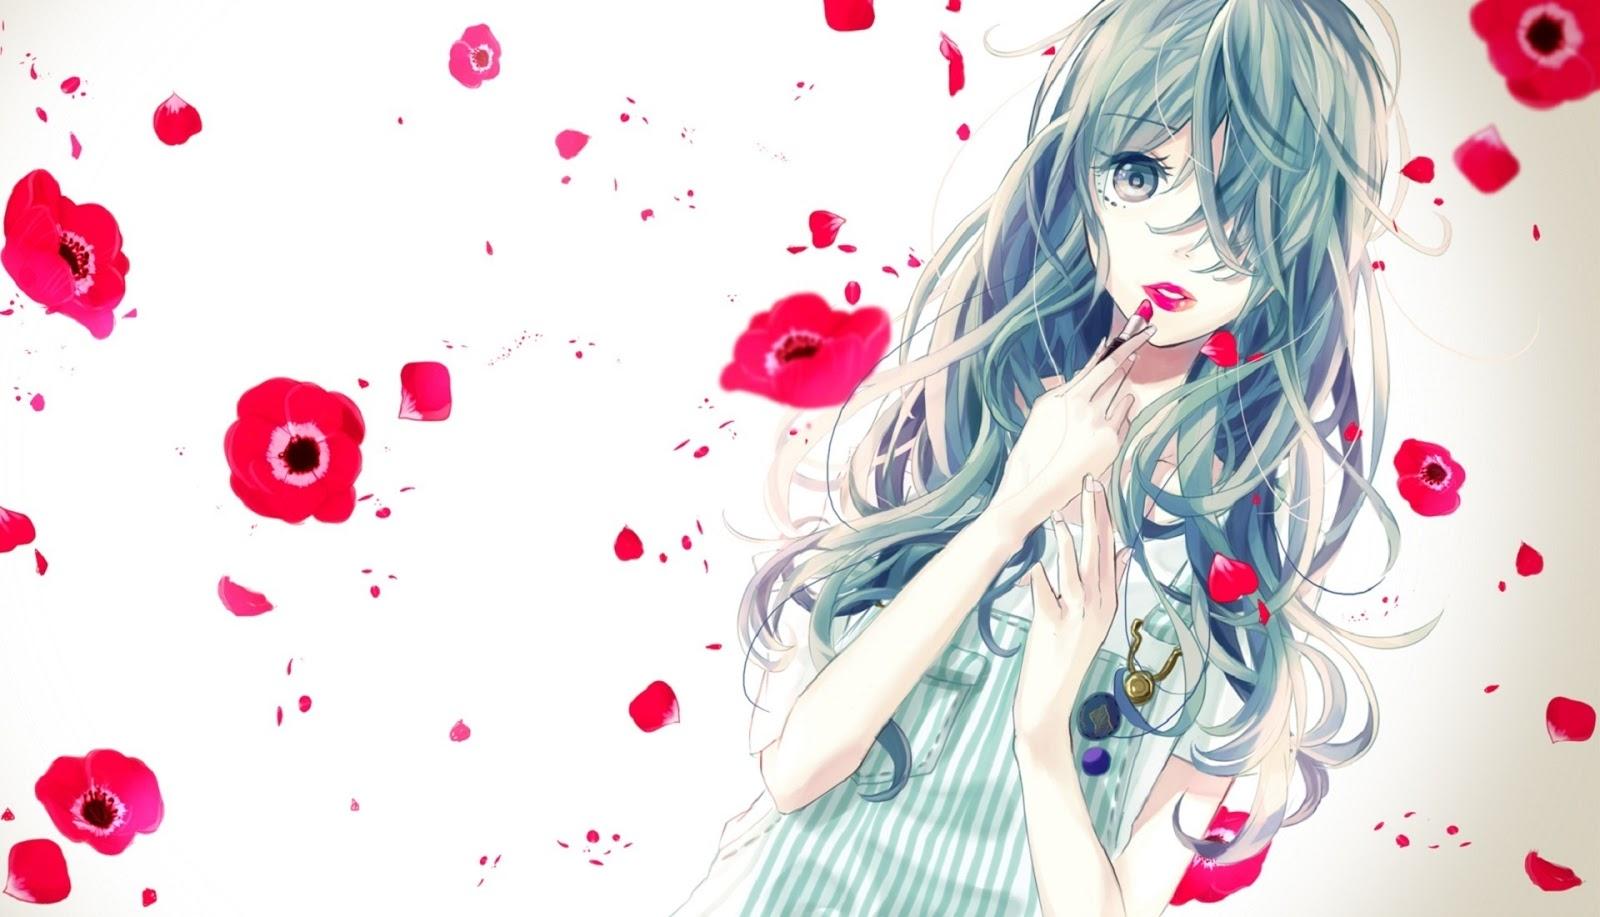 Esp ritu geminiano openings de anime muy buenos y originales Imagenes wallpaper anime